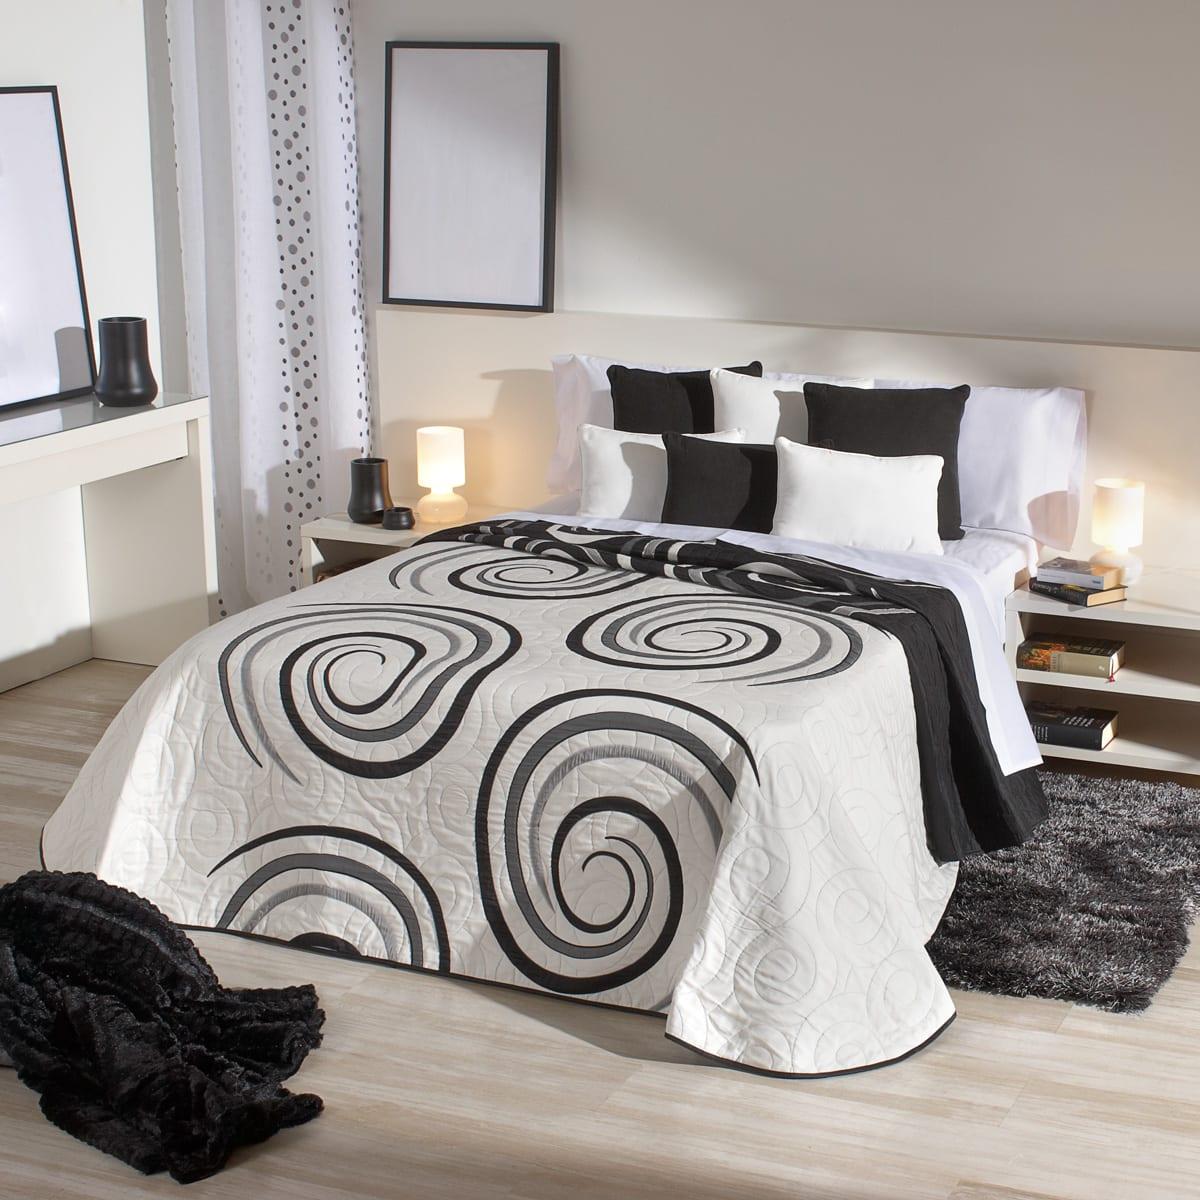 C mo elegir los cojines de tu habitaci n - Cojines grandes para cama ...